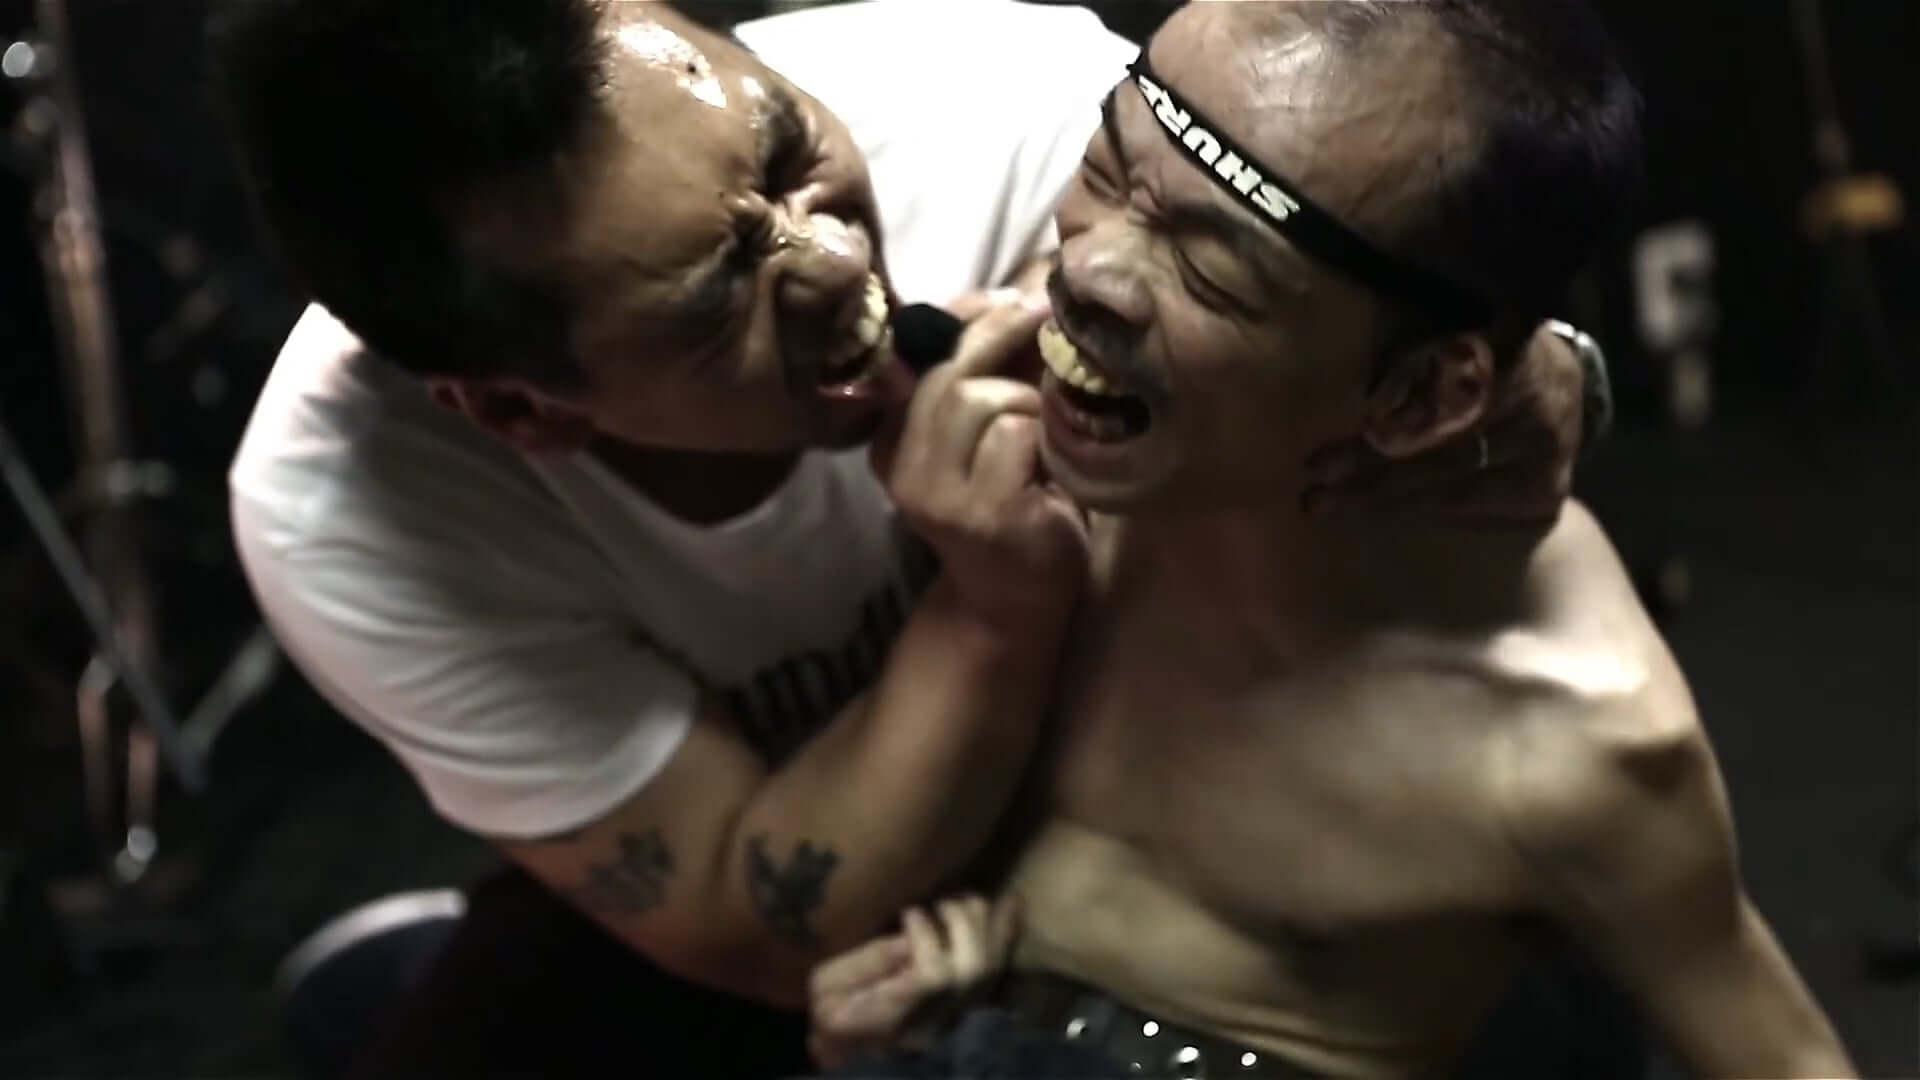 孤高のインディ・レーベル〈Less Than TV〉に密着したドキュメンタリー映画『MOTHERFUCKER』が期間限定で無料配信決定! film200410_motherfucker_3-1920x1080